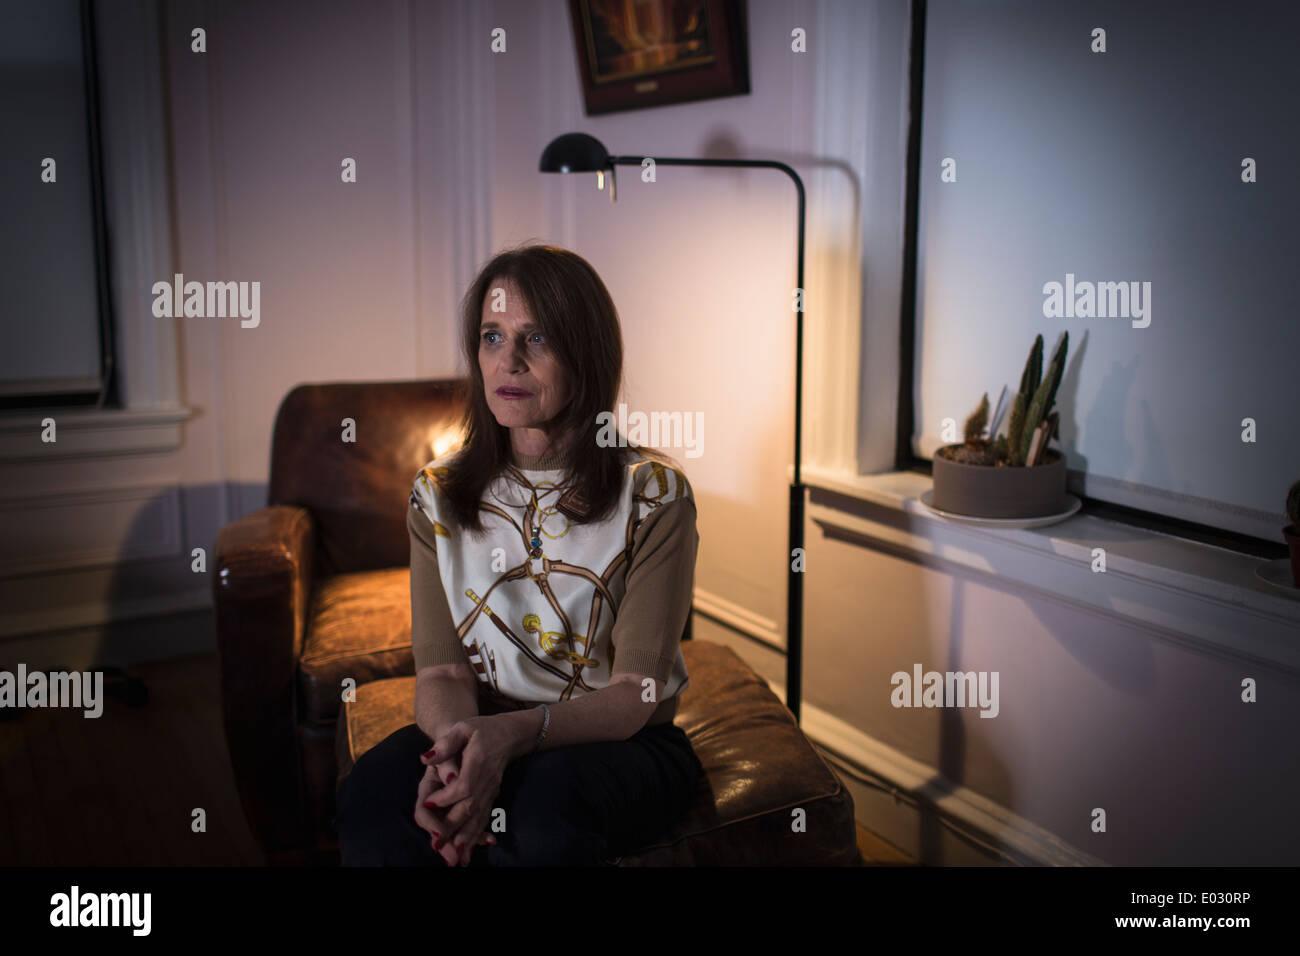 Eine Frau mittleren Alters mit einem traurigen Ausdruck sitzen. Stockbild